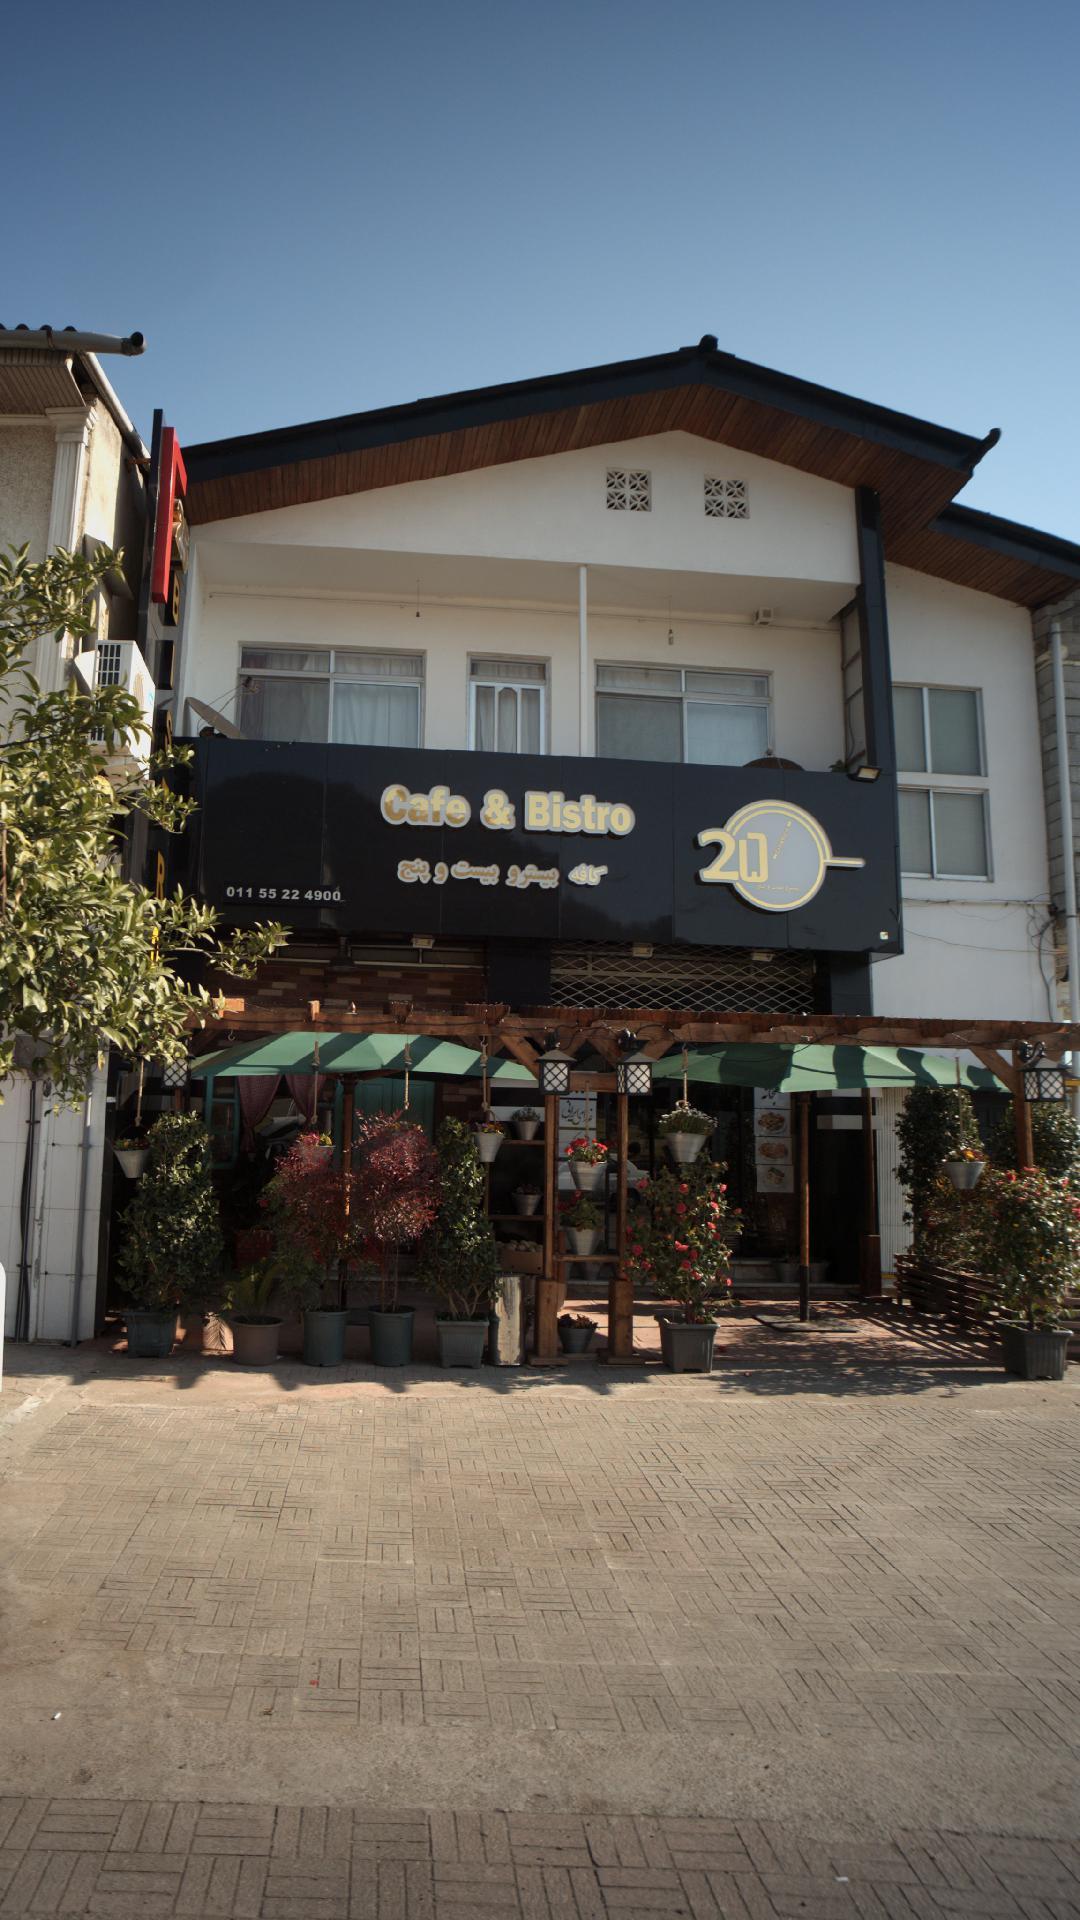 کافه بیسترو بیست و پنج